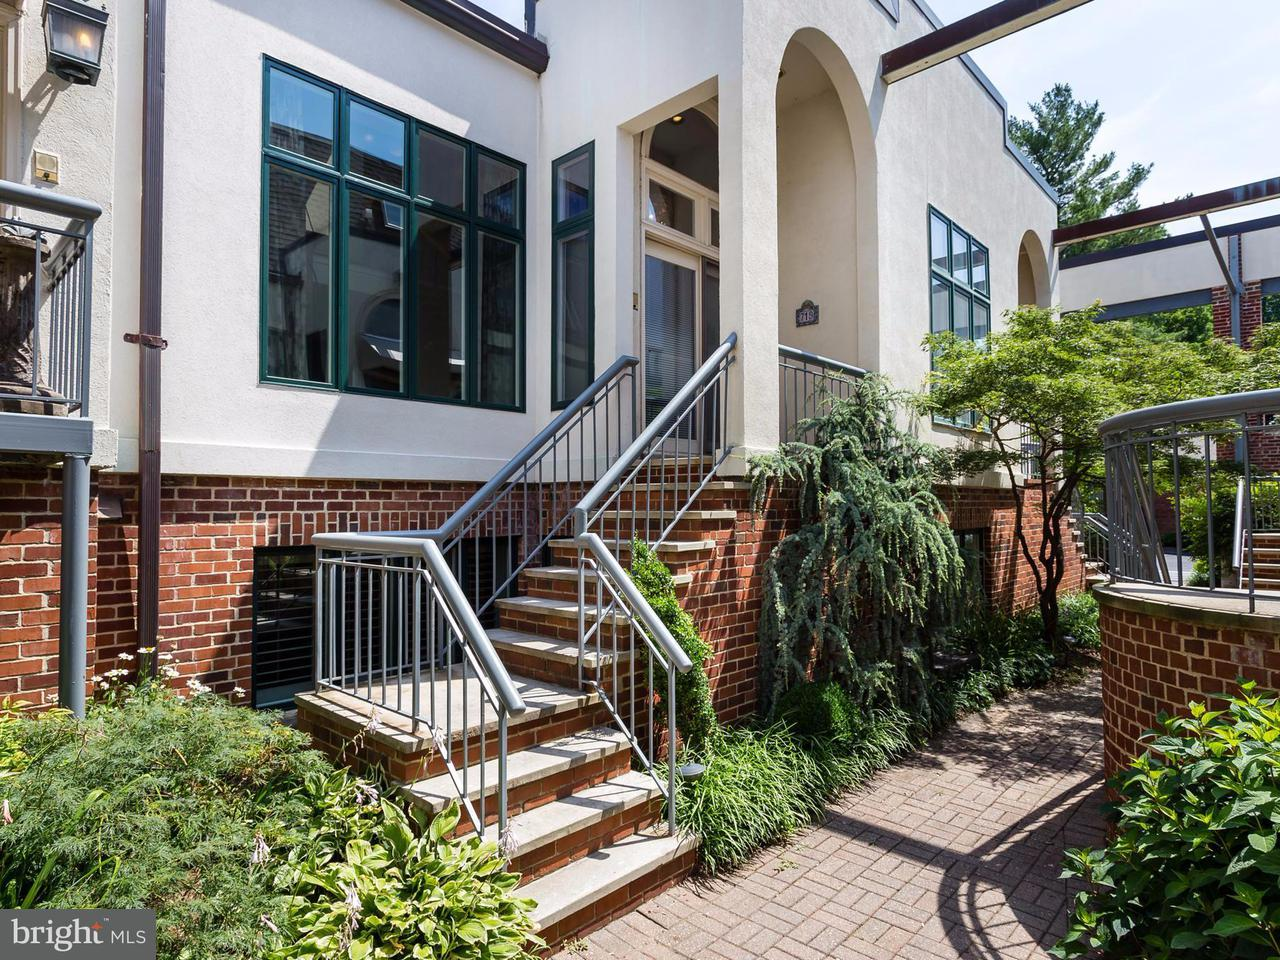 Σπίτι στην πόλη για την Πώληση στο 719 Kenmore Avenue 719 Kenmore Avenue Fredericksburg, Βιρτζινια 22401 Ηνωμενεσ Πολιτειεσ